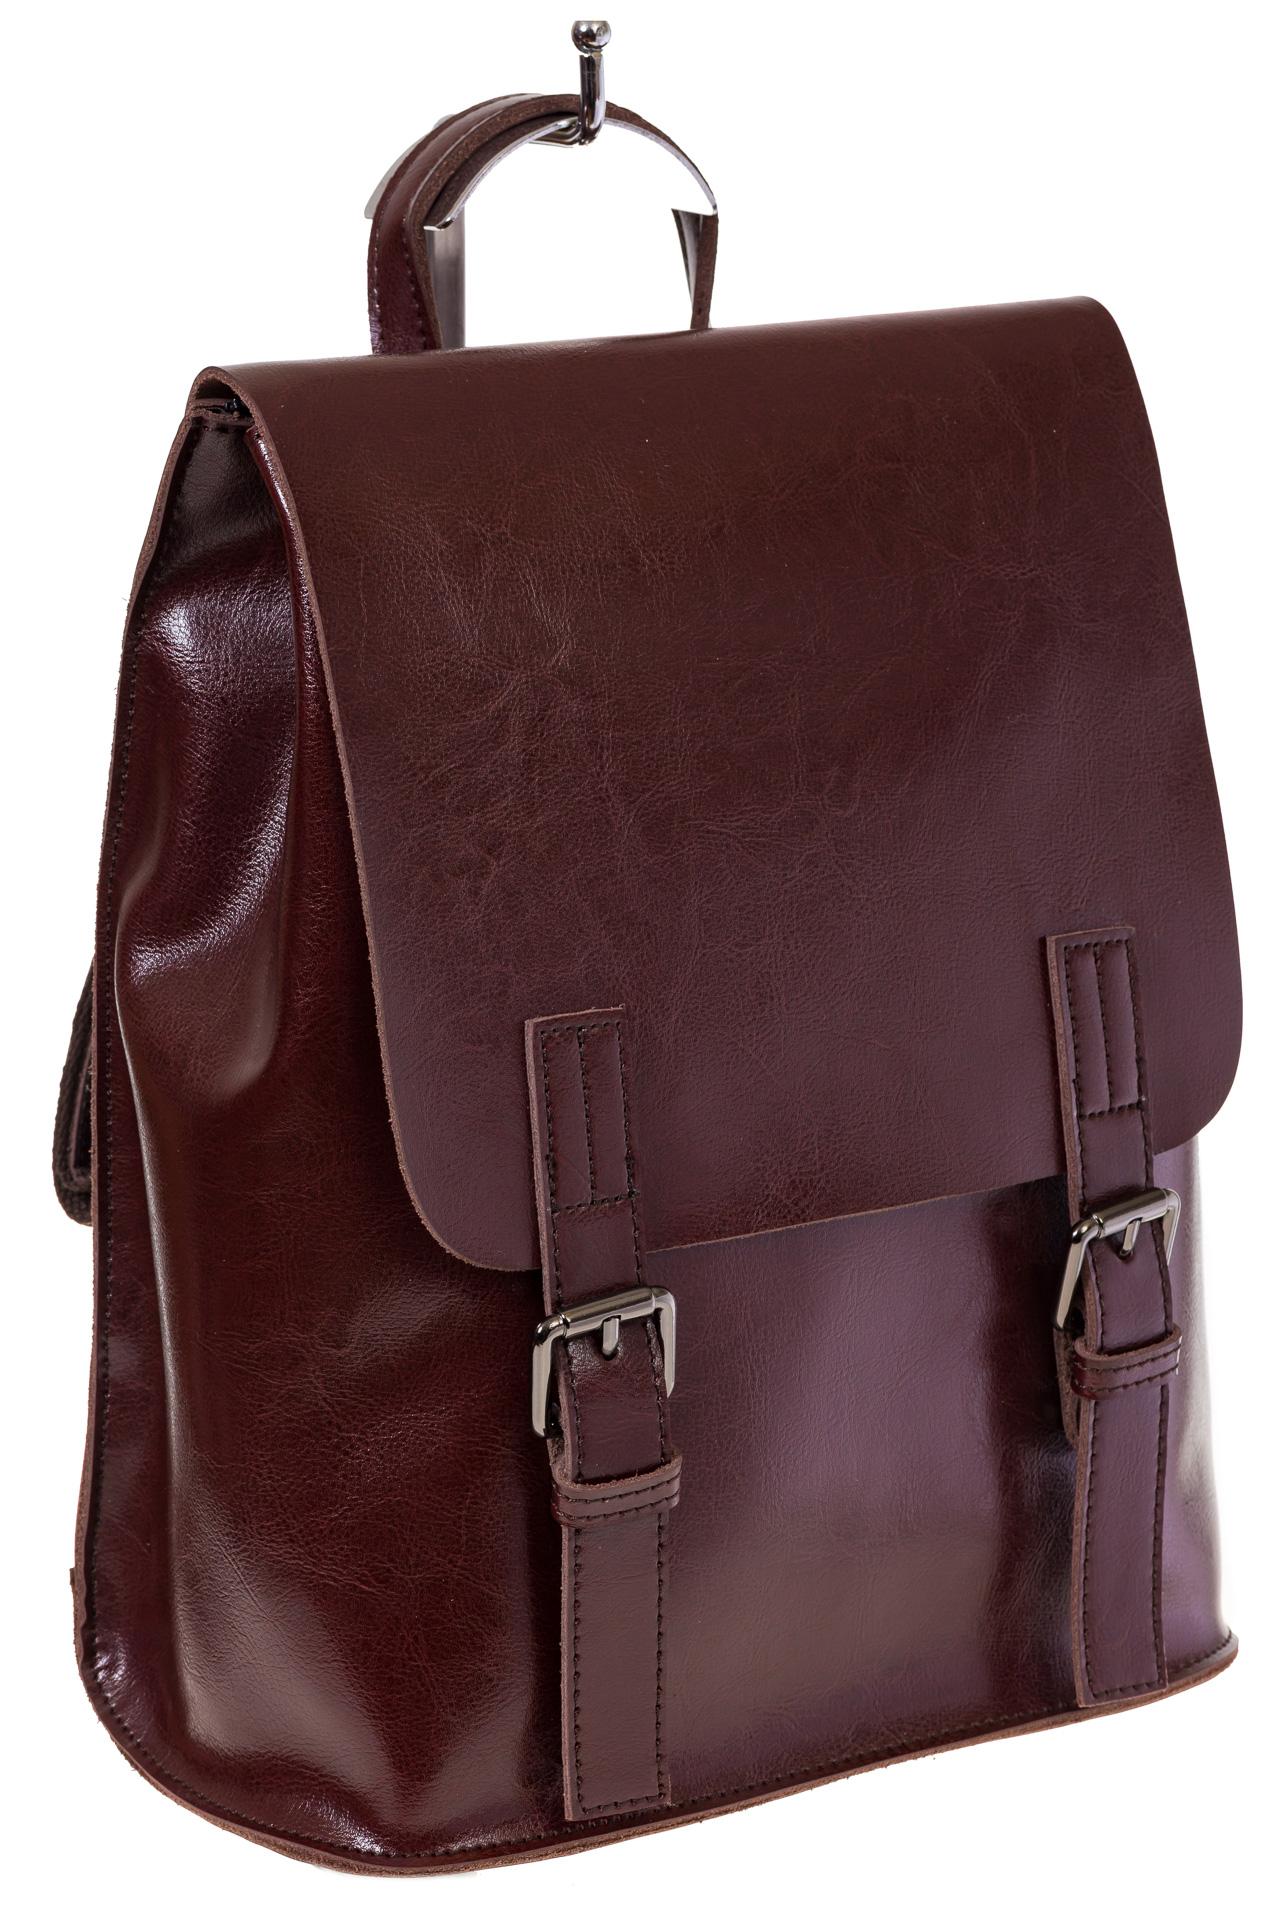 Купить оптом женский универсальный рюкзак из кожи, цвет бордово-шоколадный, фото